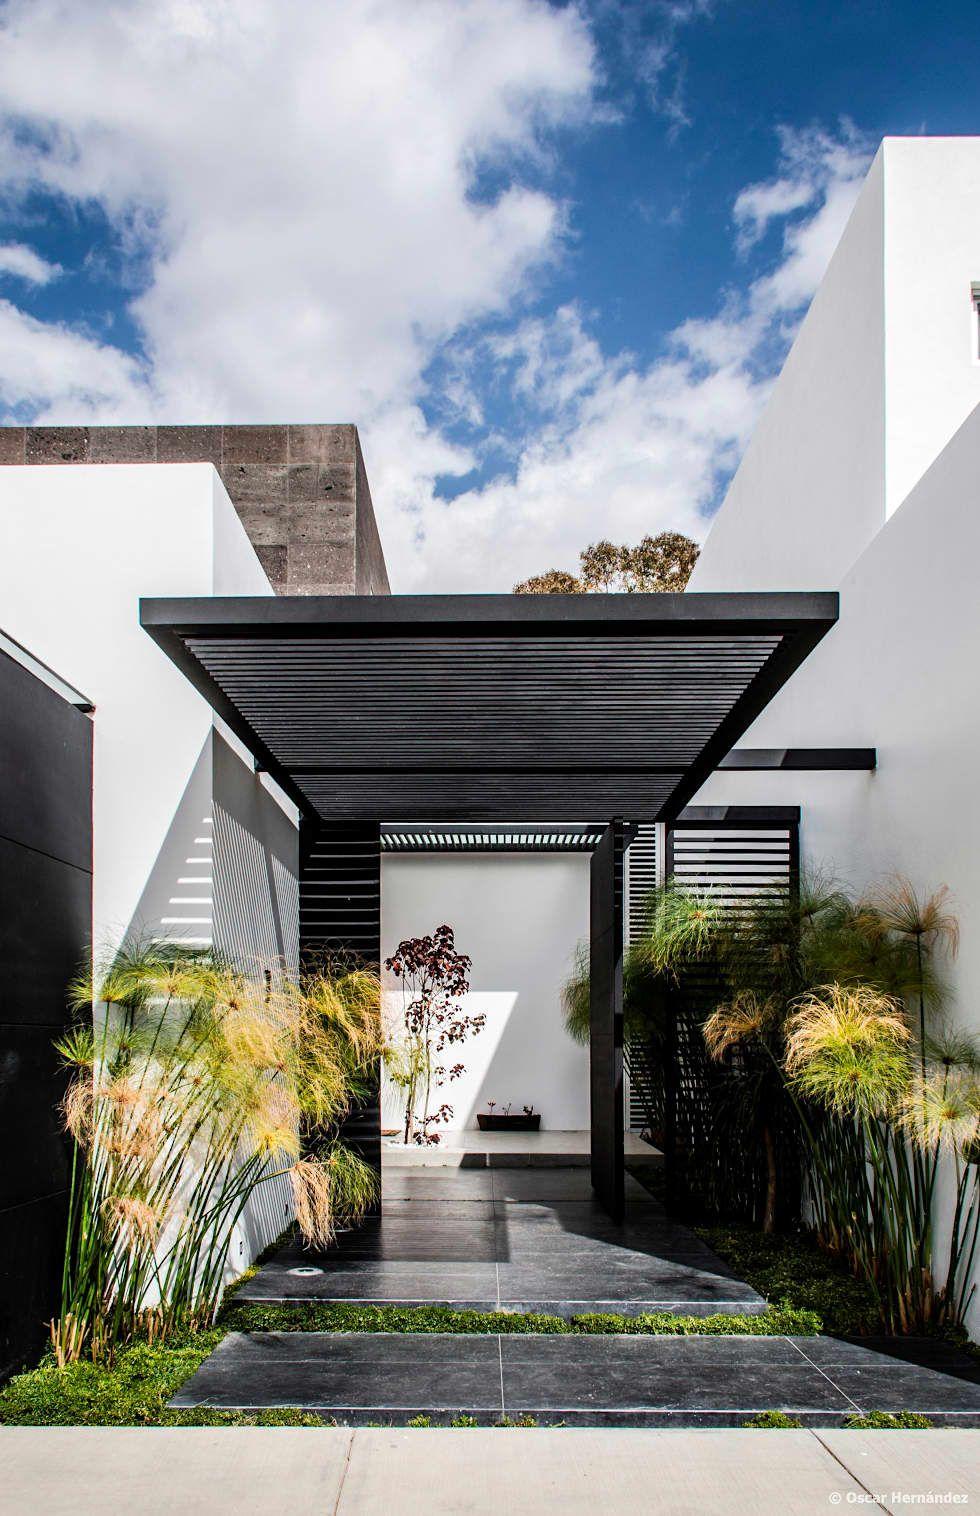 Casamezquite puertas principales de estilo por bag for Jardines interiores de casas modernas